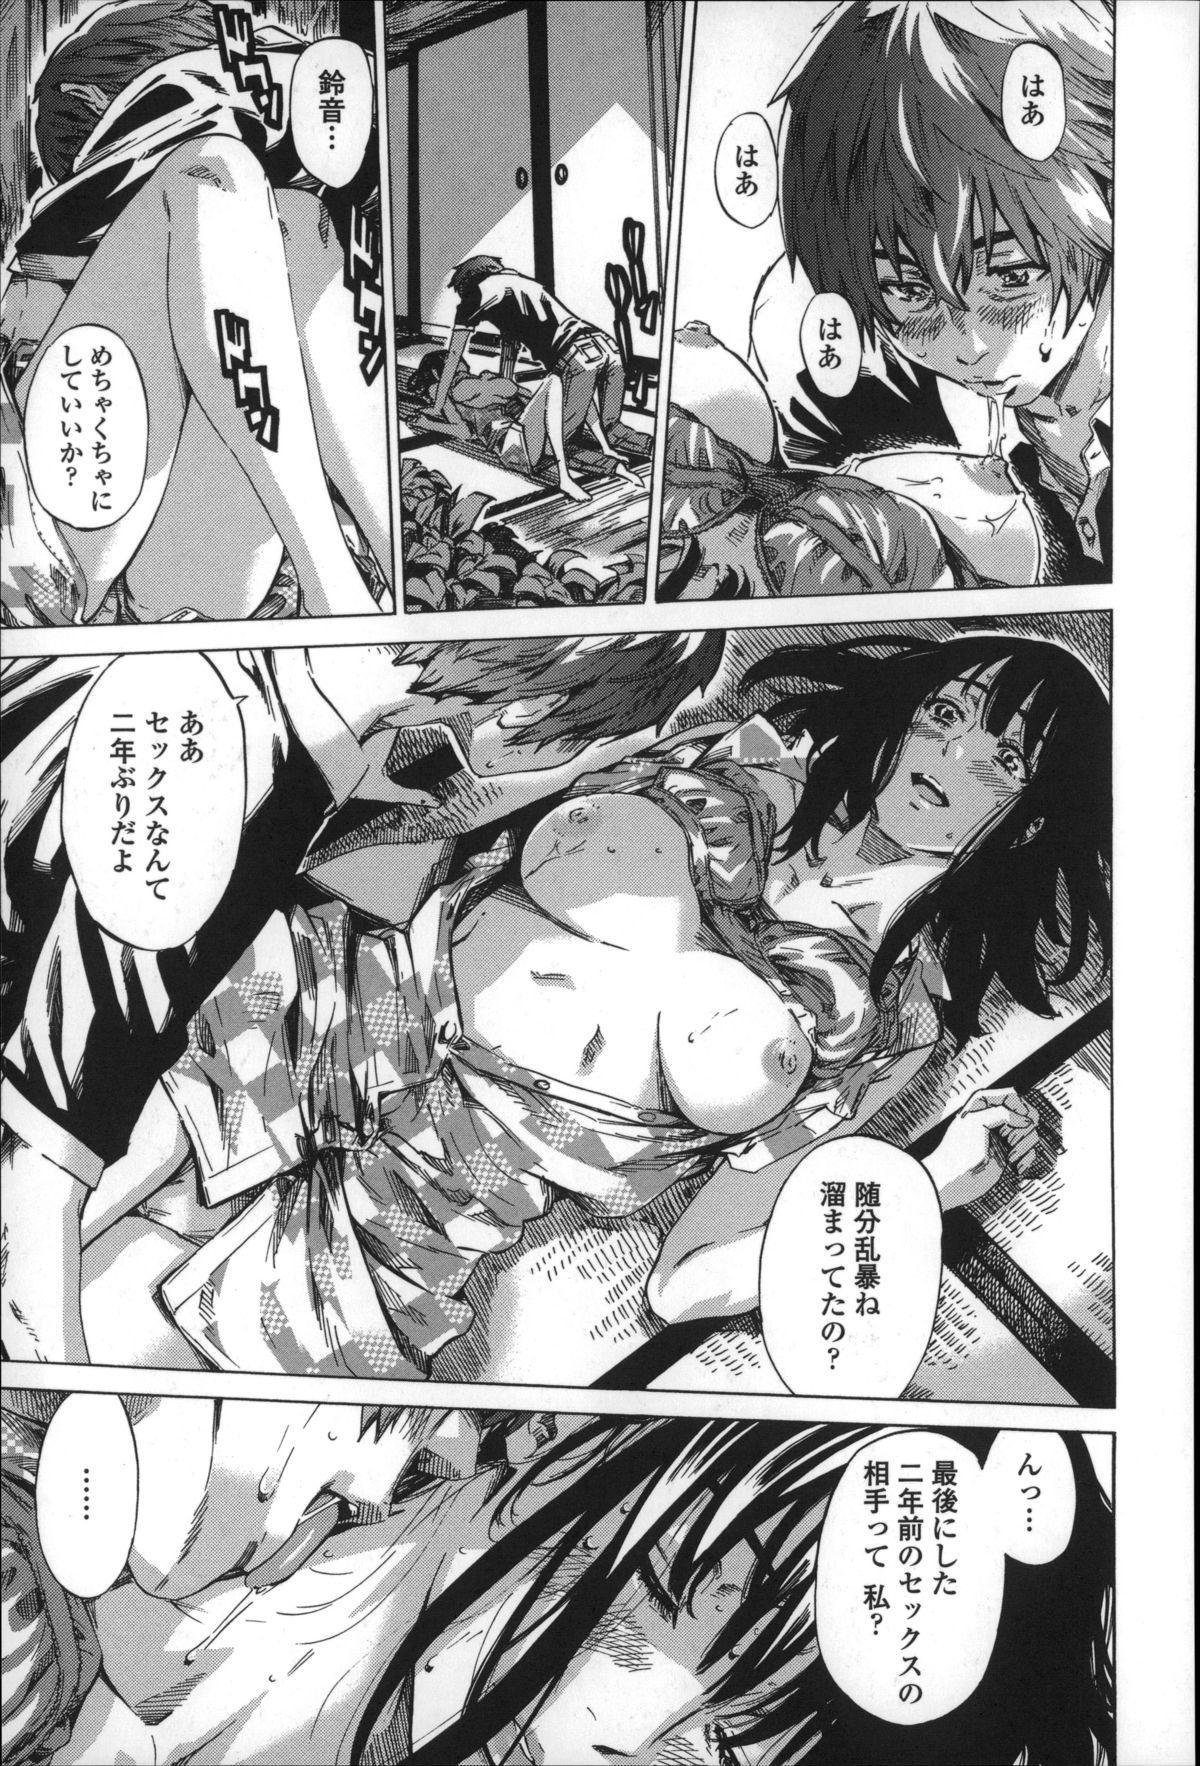 Choushin de Mukuchi no Kanojo ga Hatsujou Shite Kitara Eroiyo ne? 182